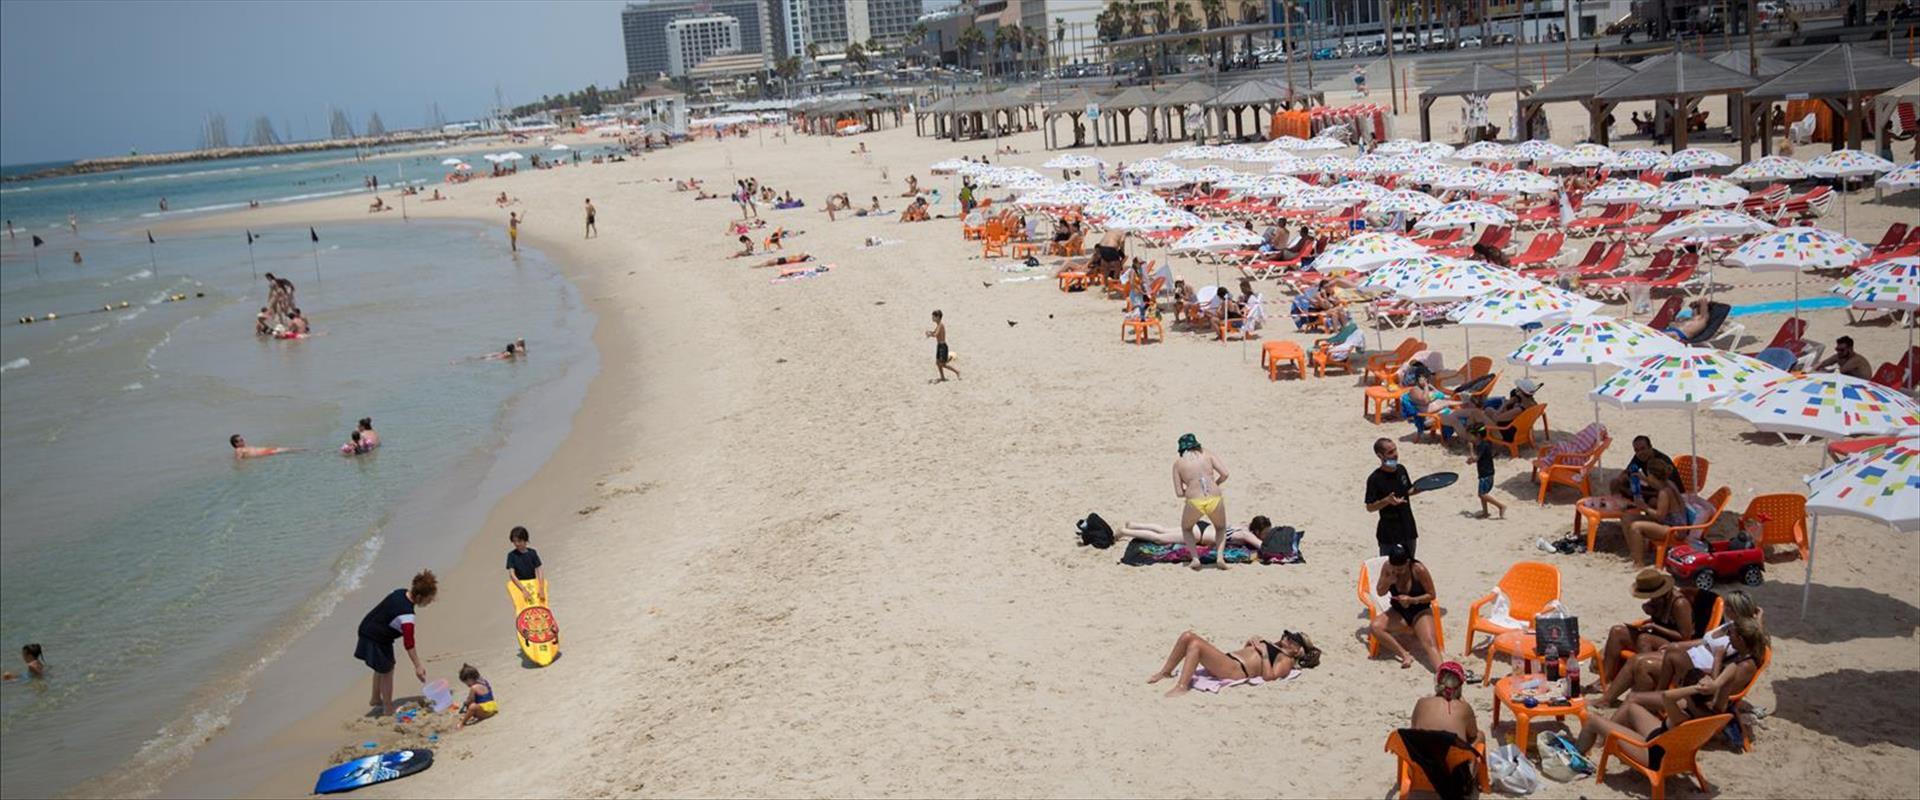 חוף ים, תל אביב, חום, שרב